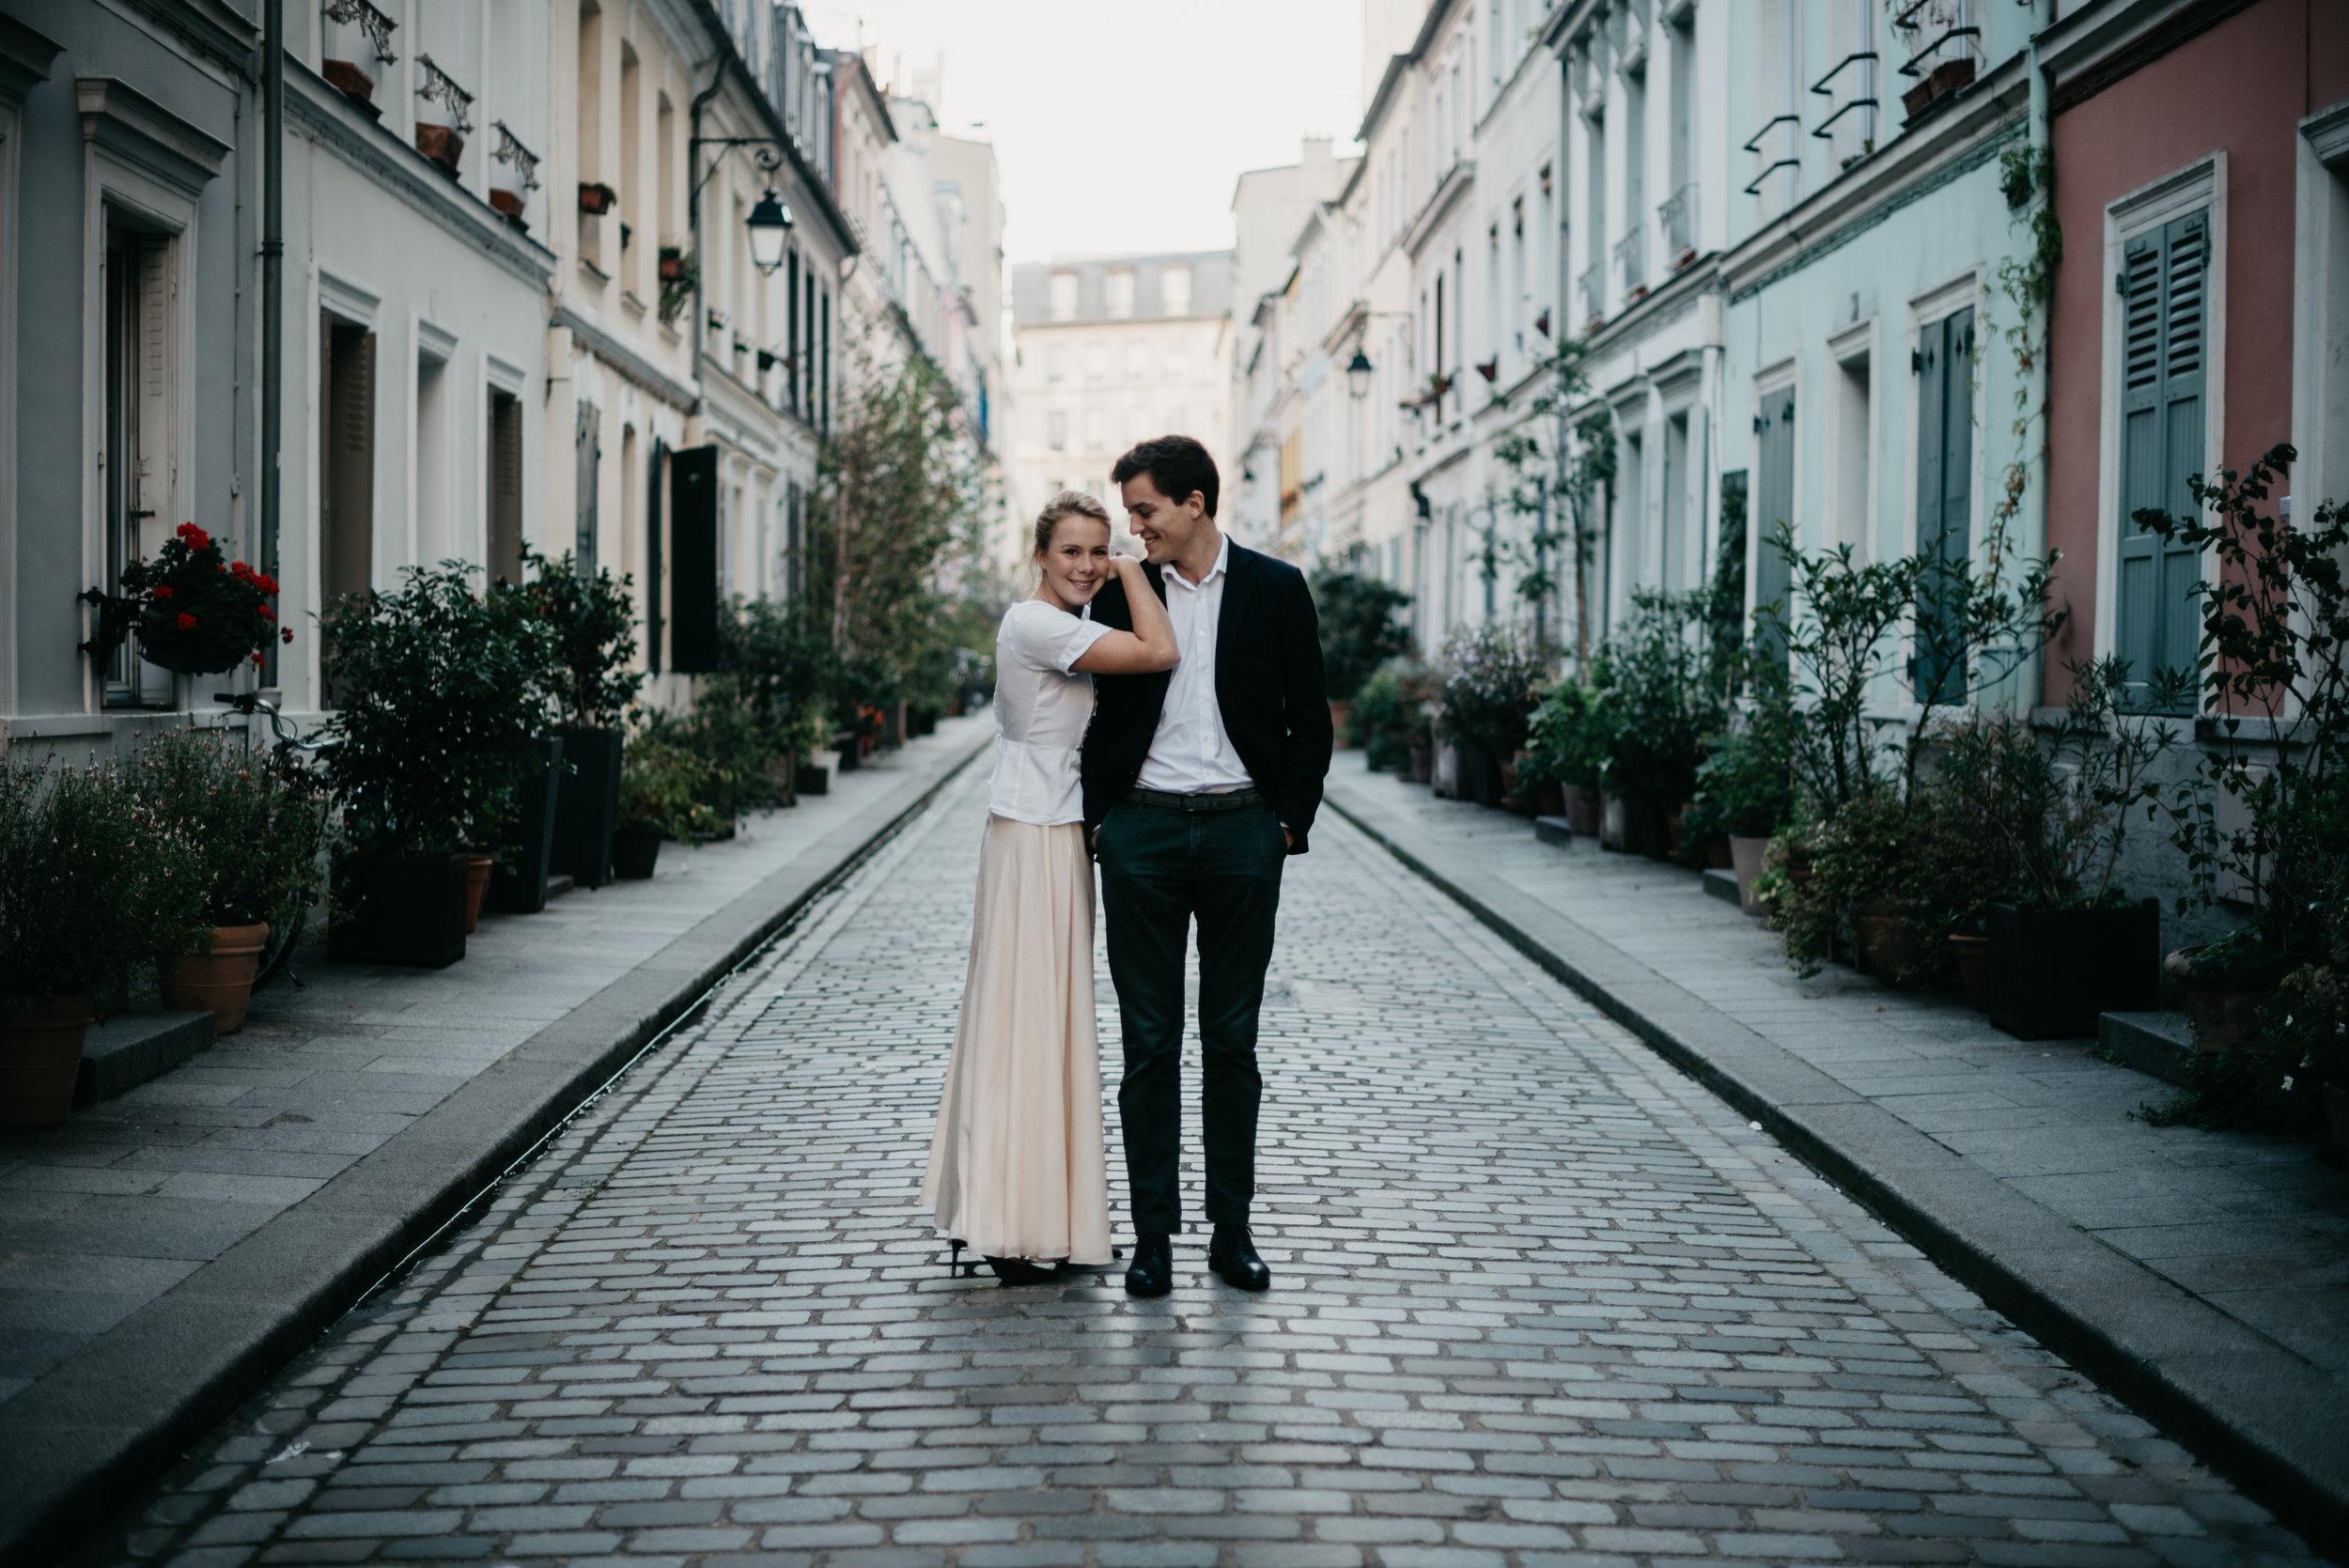 Léa-Fery-photographe-professionnel-lyon-rhone-alpes-portrait-creation-mariage-evenement-evenementiel-famille-2834.jpg